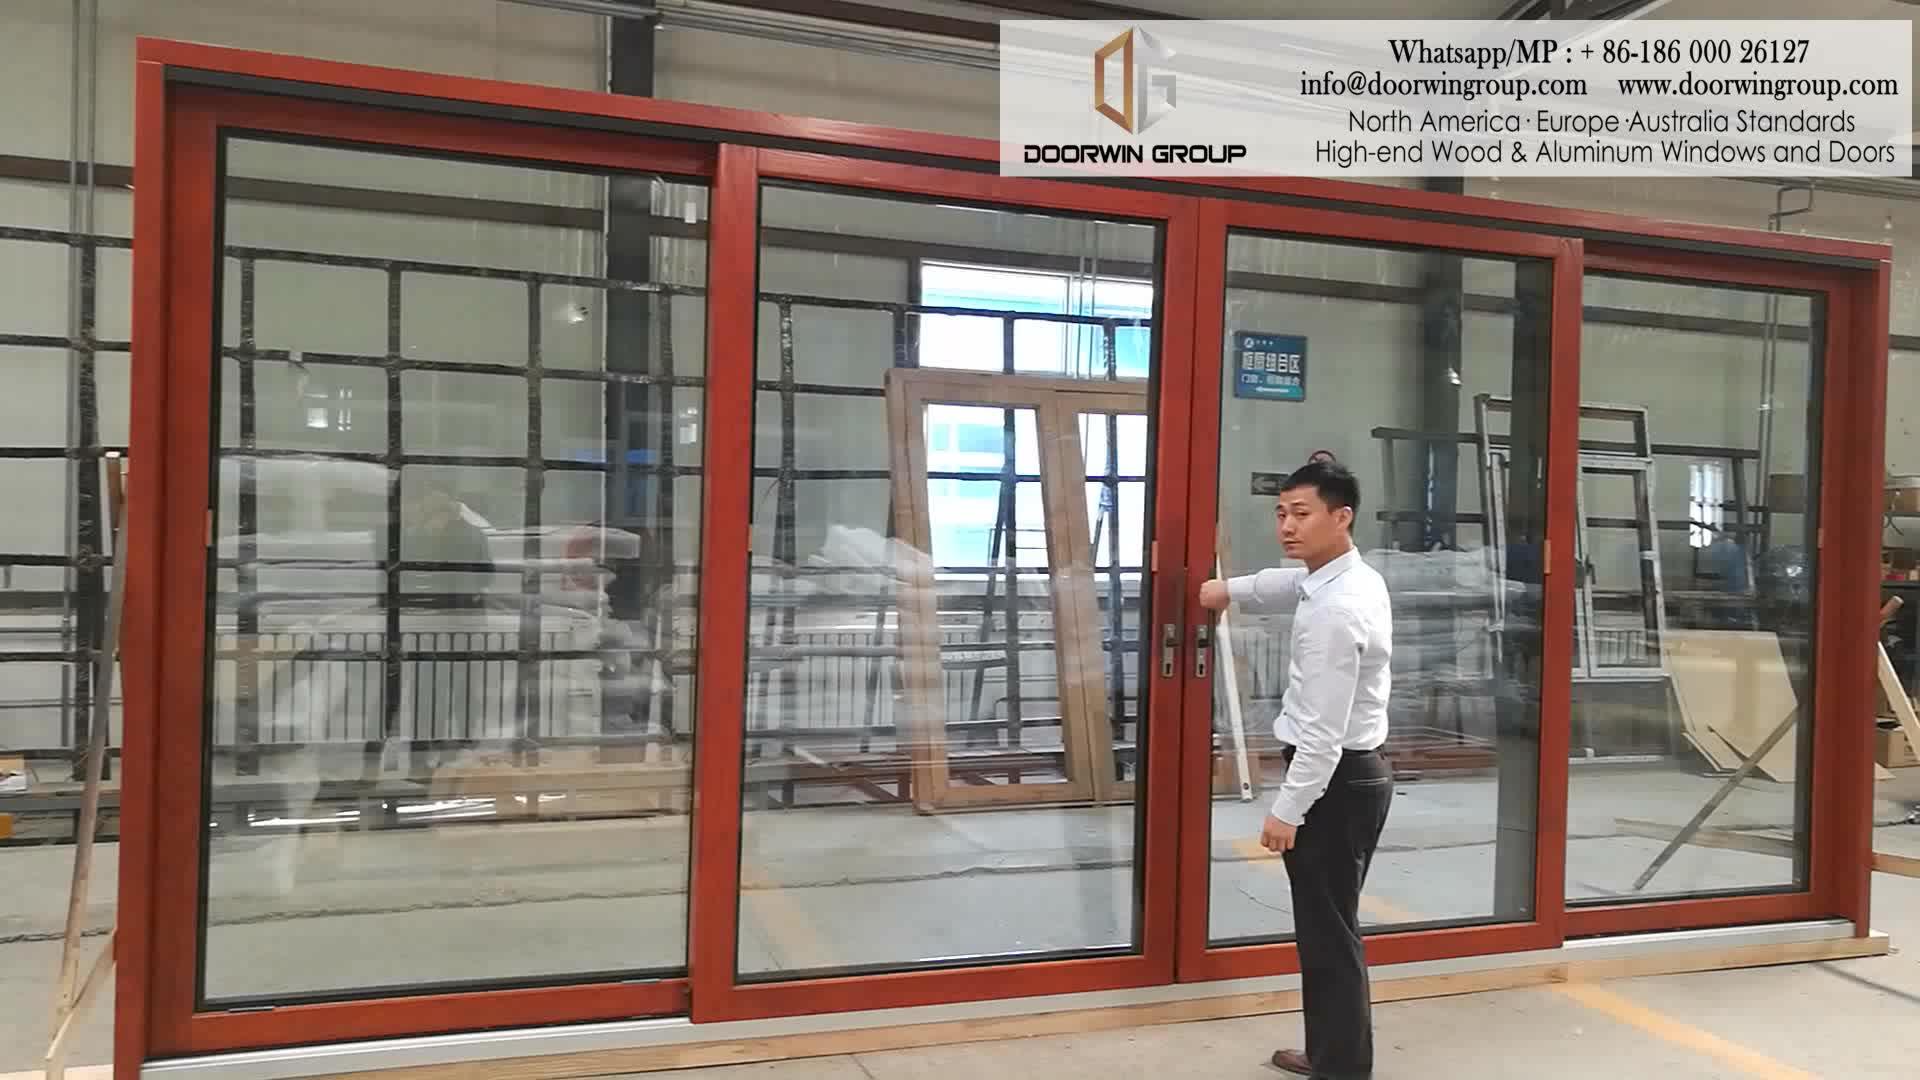 Super Wide Heavy Duty 4 panel sliding patio doors European Standard 3-track door